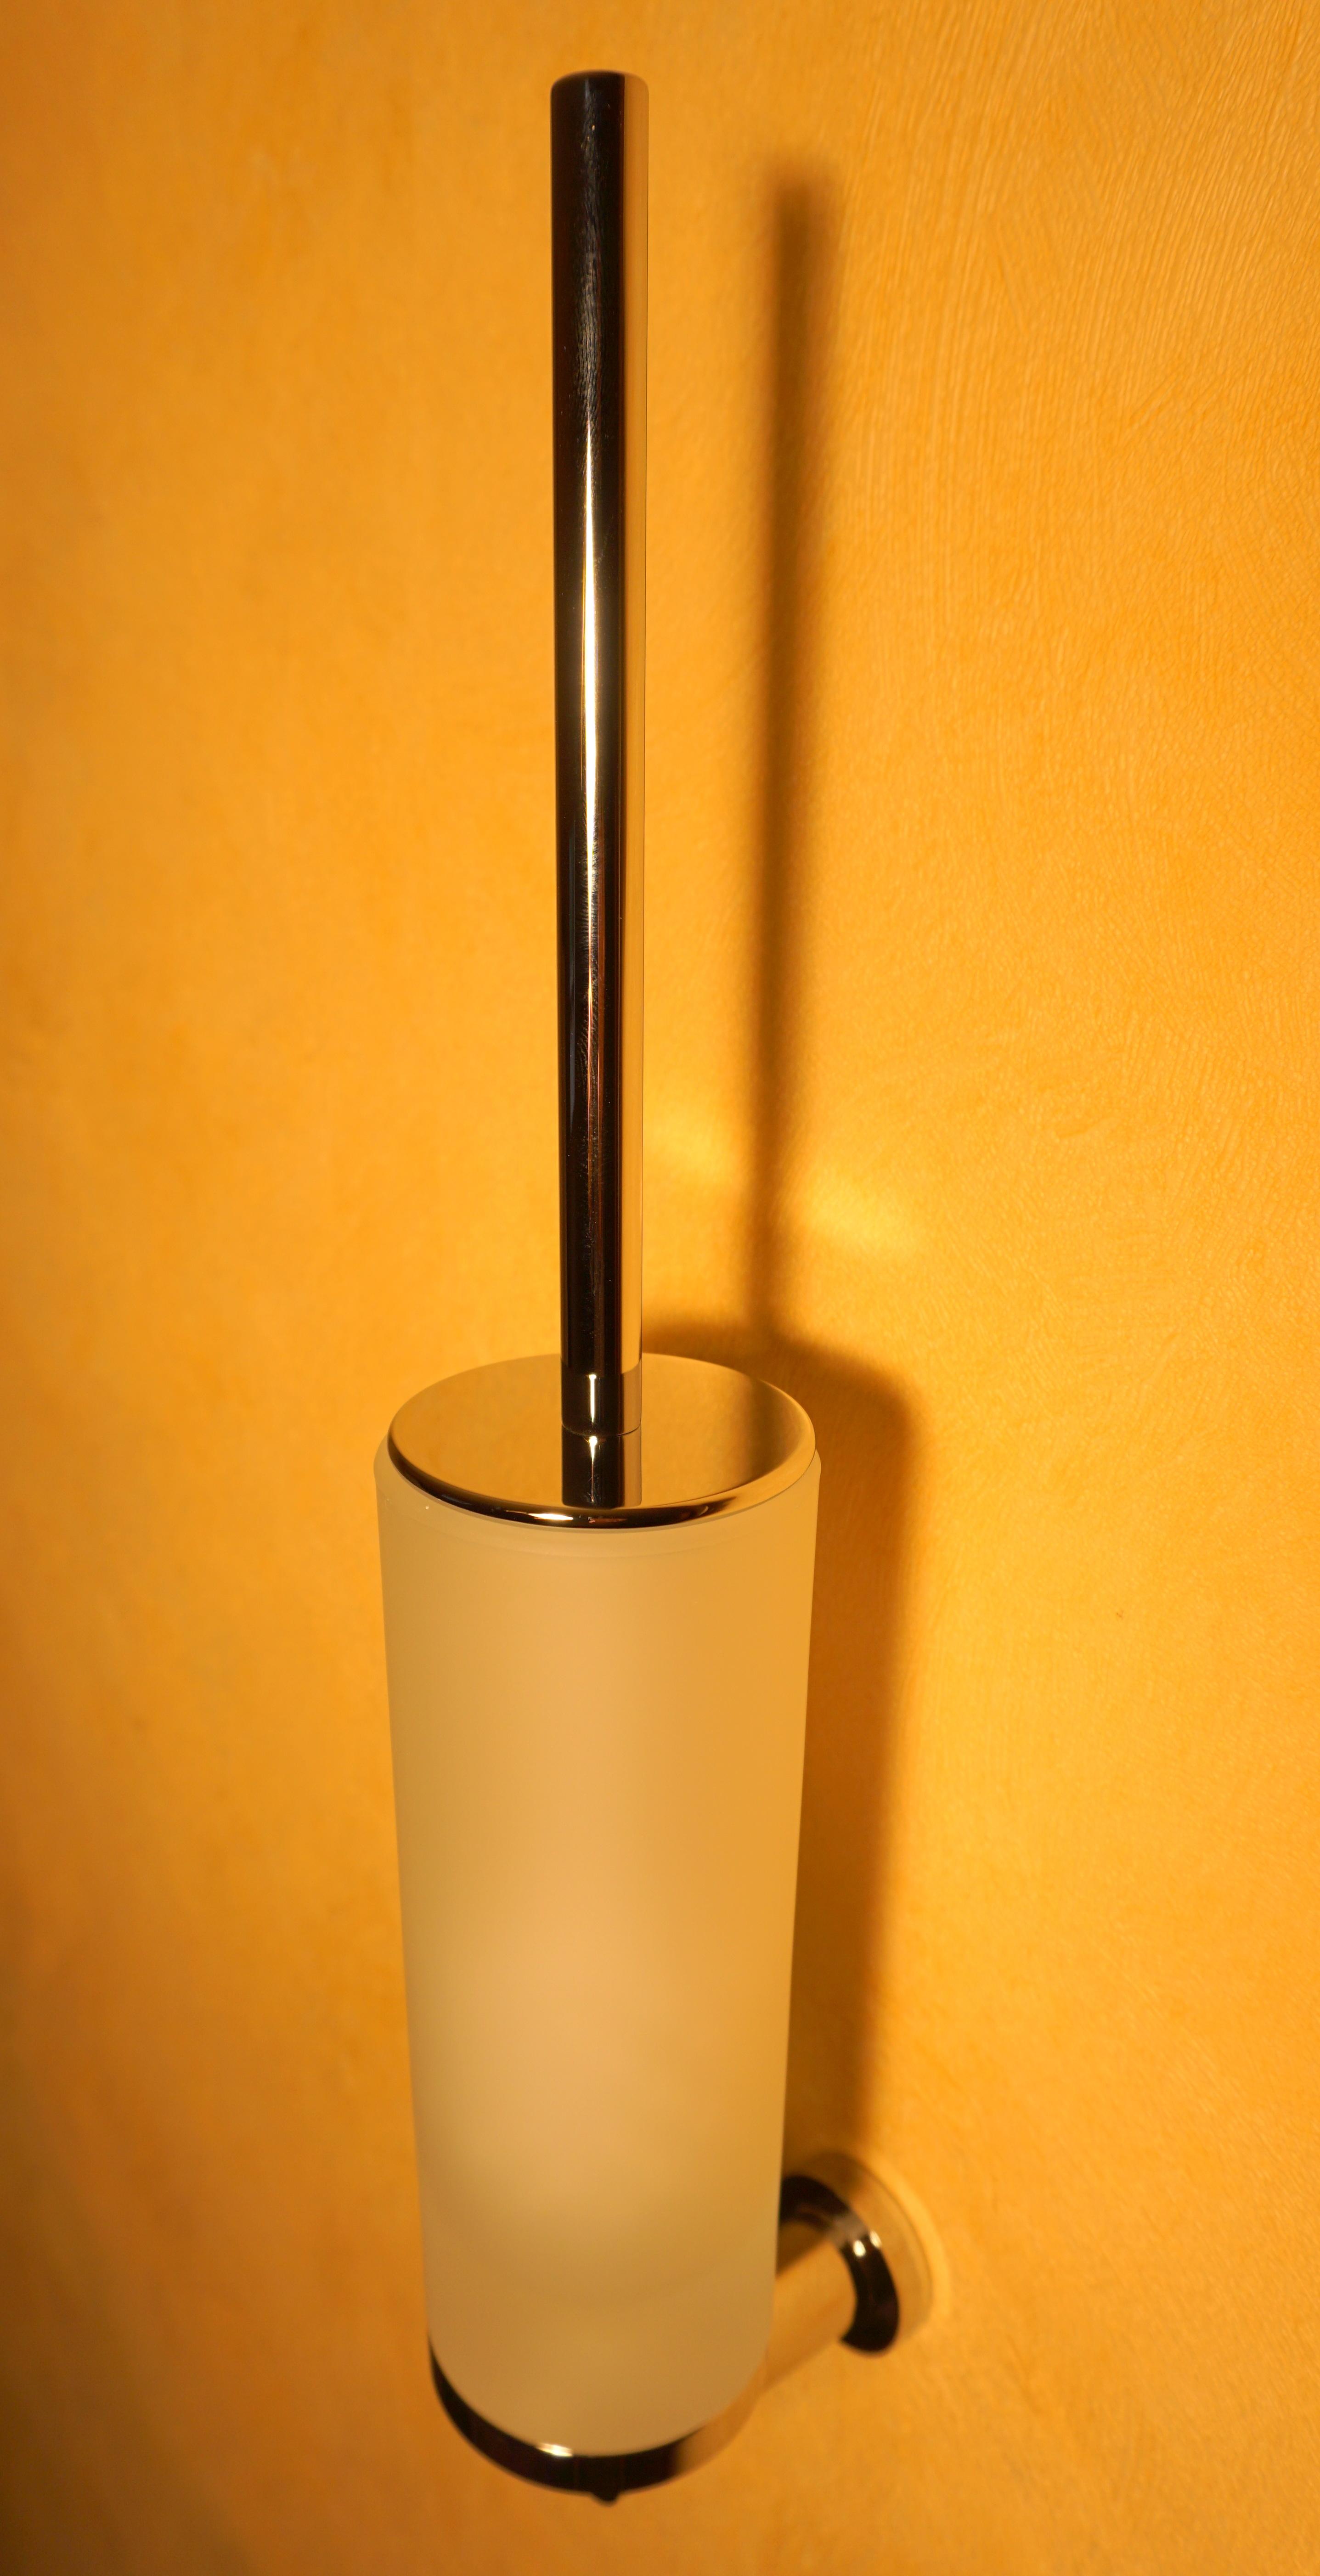 Gessi Emporio Toilettenbürstengarnitur chrom WC Bürste